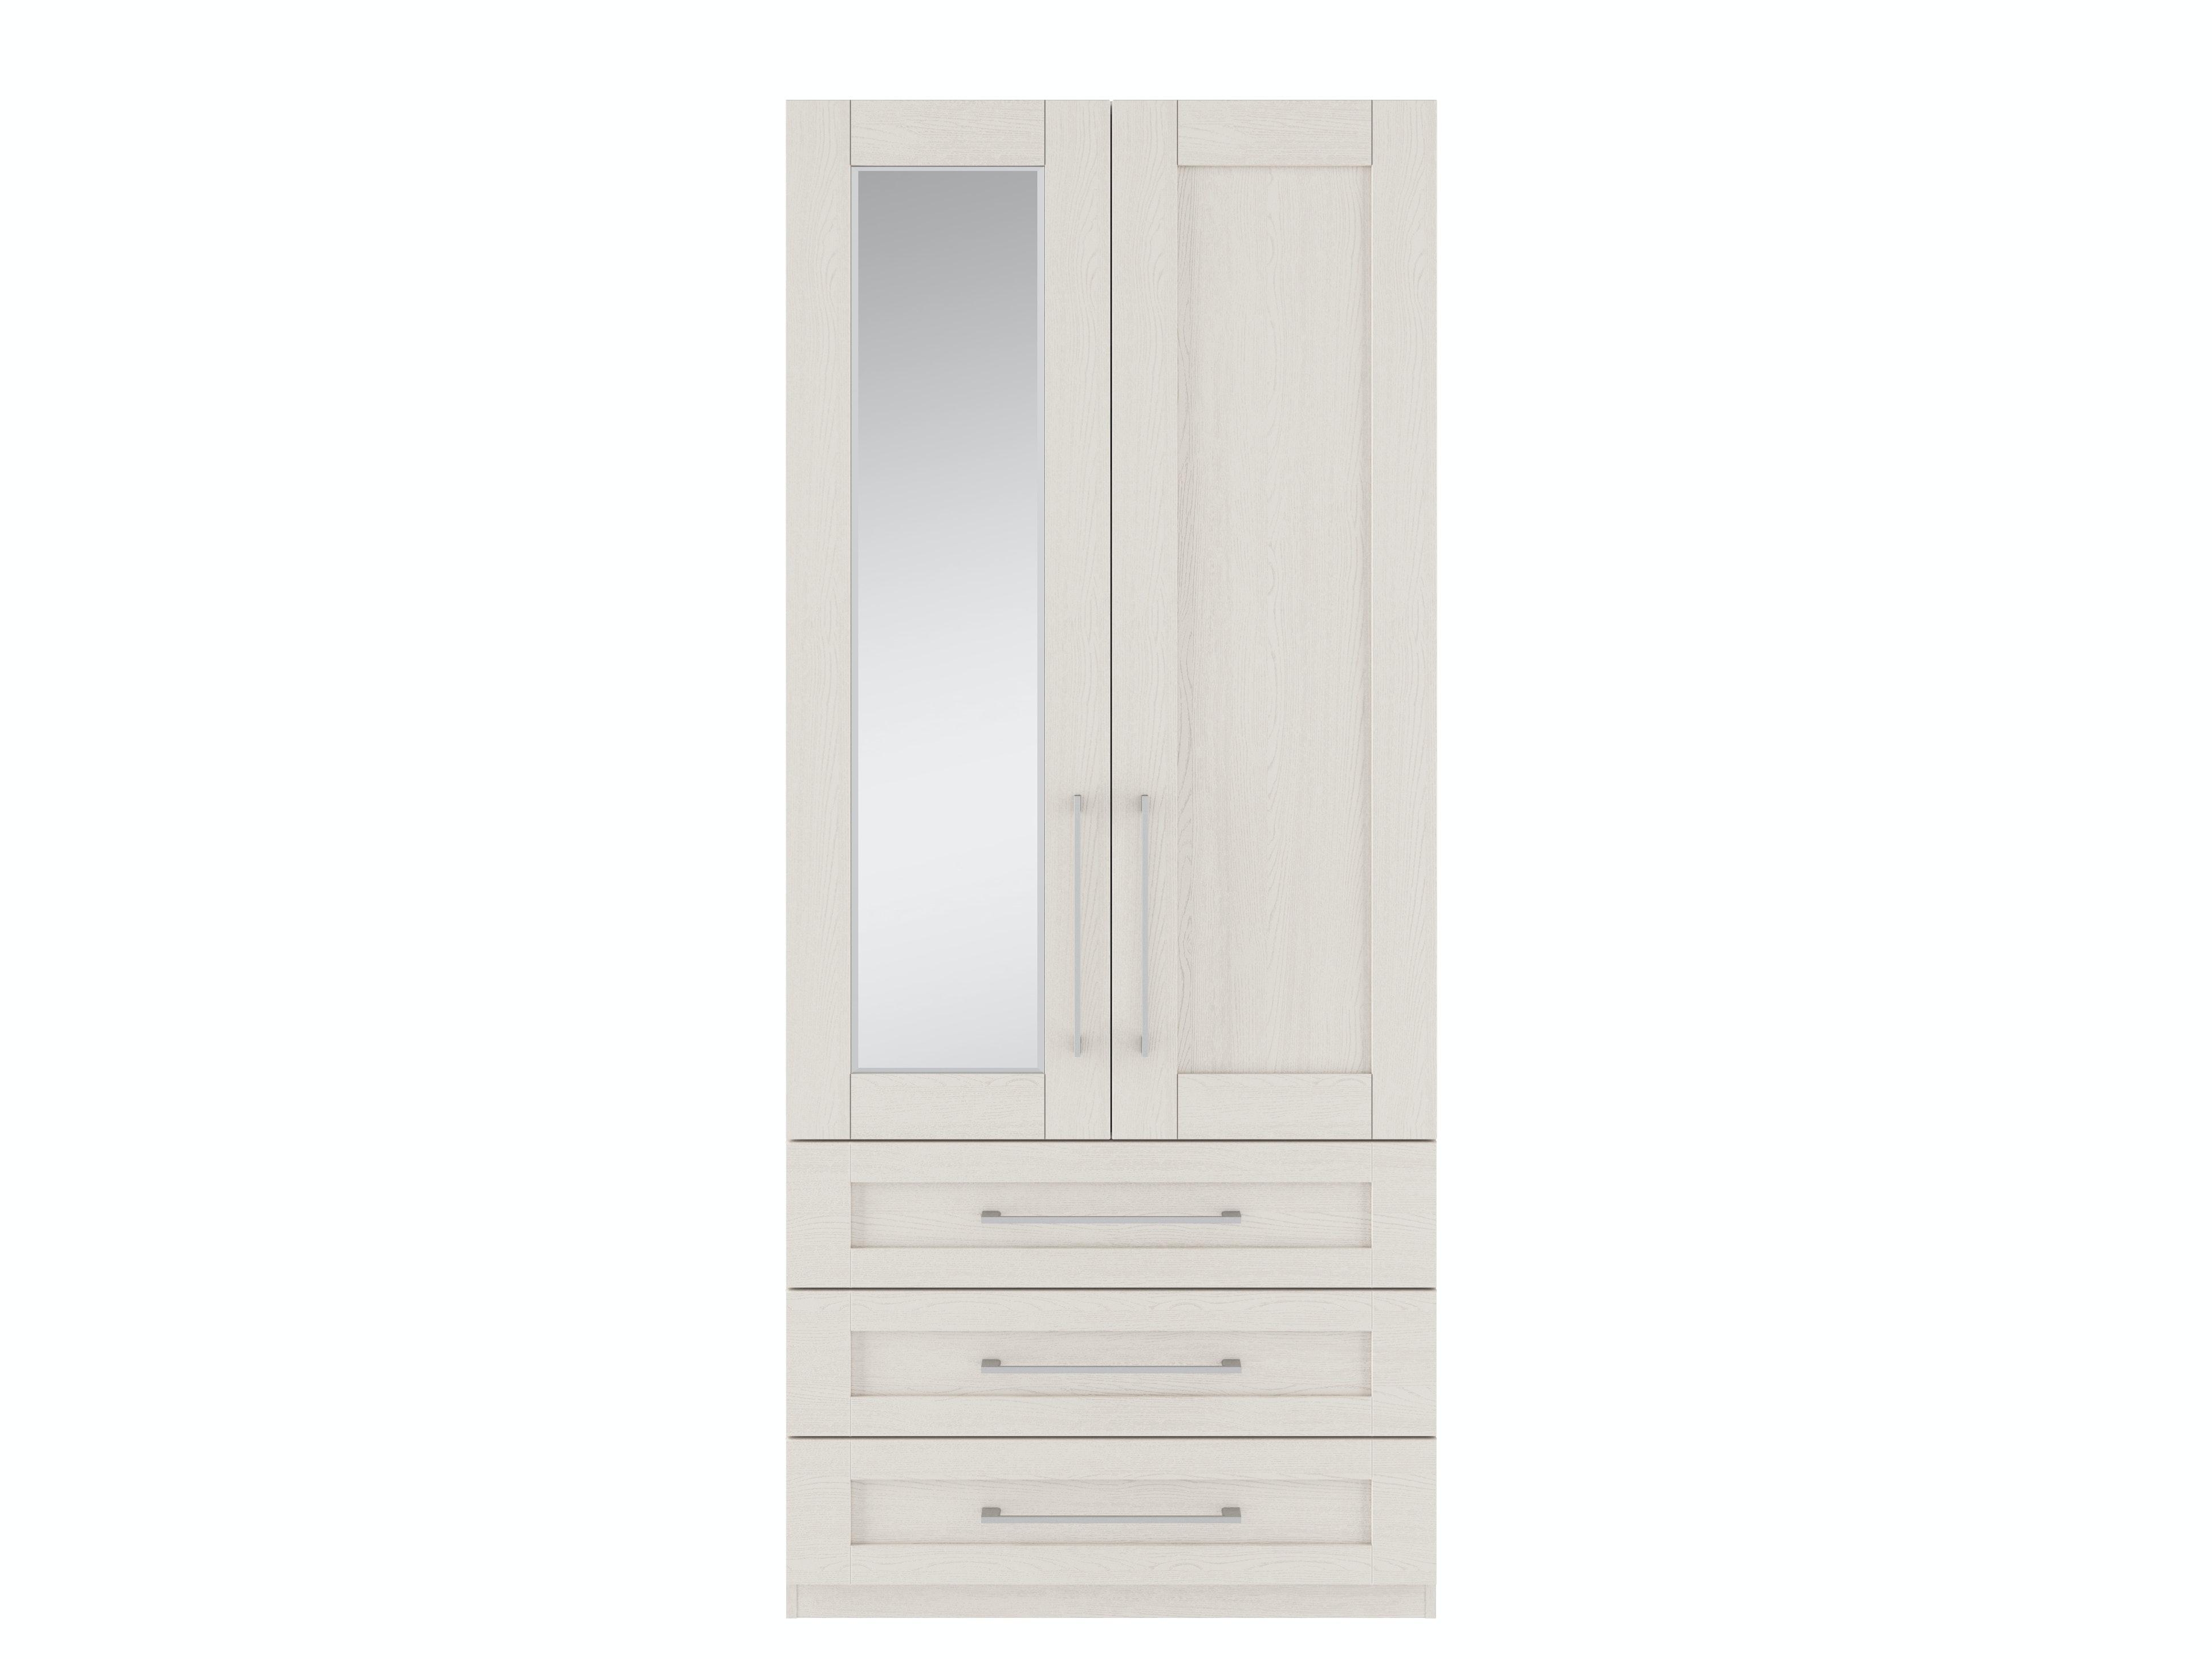 Monaco Cashmere Wardrobe   2 Doors   3 Drawers   Left Hand Door